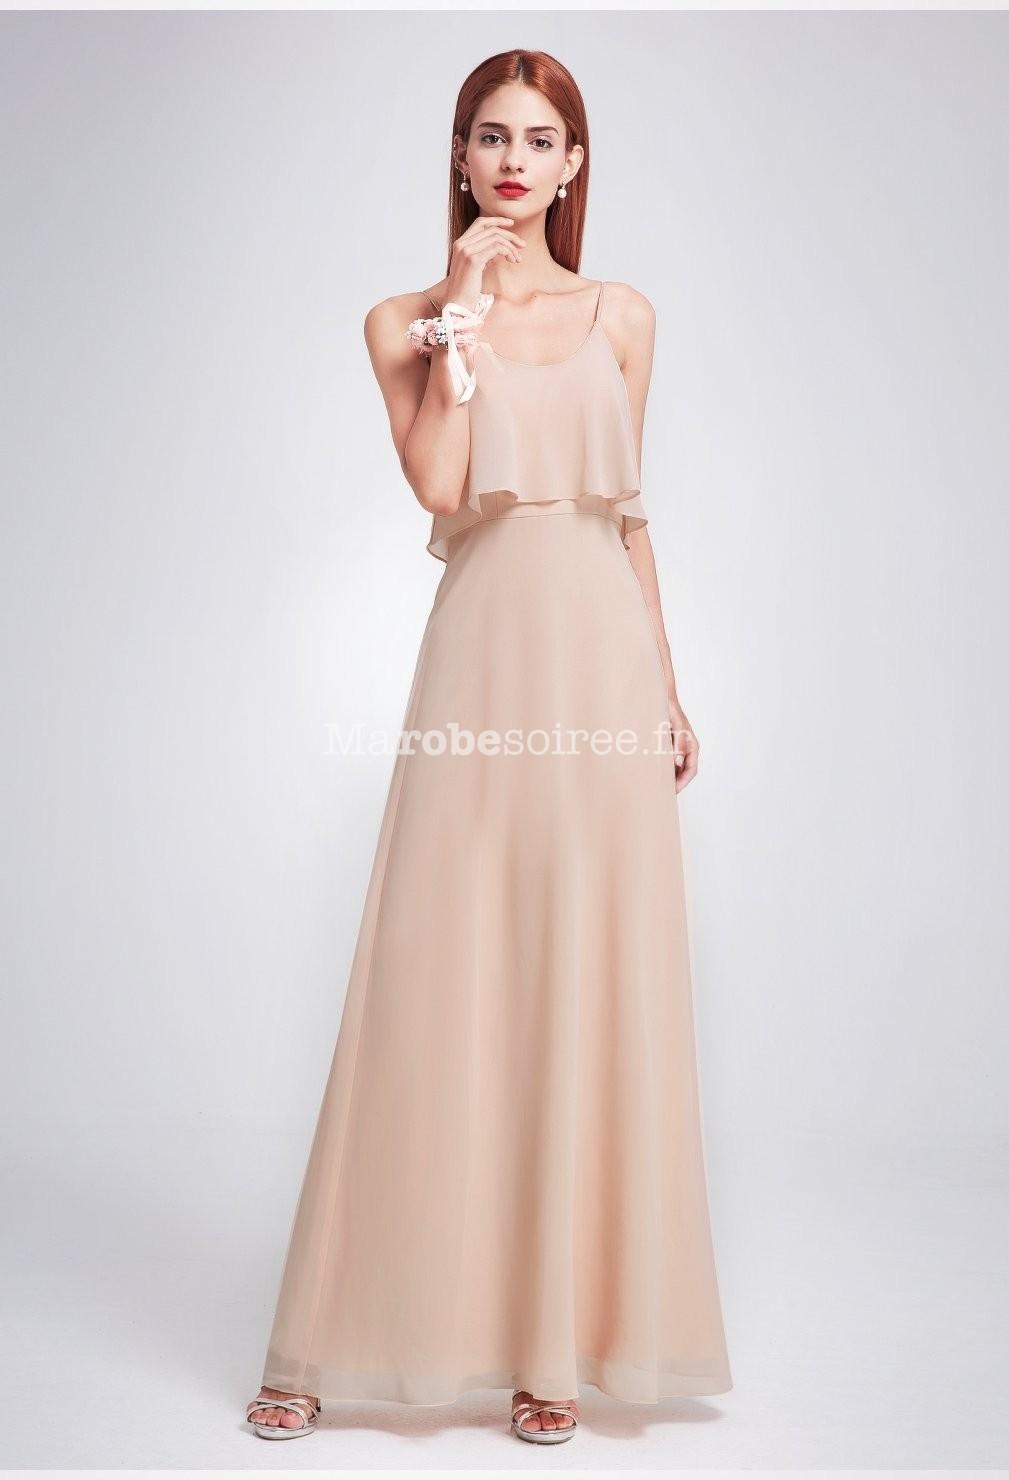 391f948ce44 ... Robe de demoiselle d honneur couleur nude  Robe de soirée ...